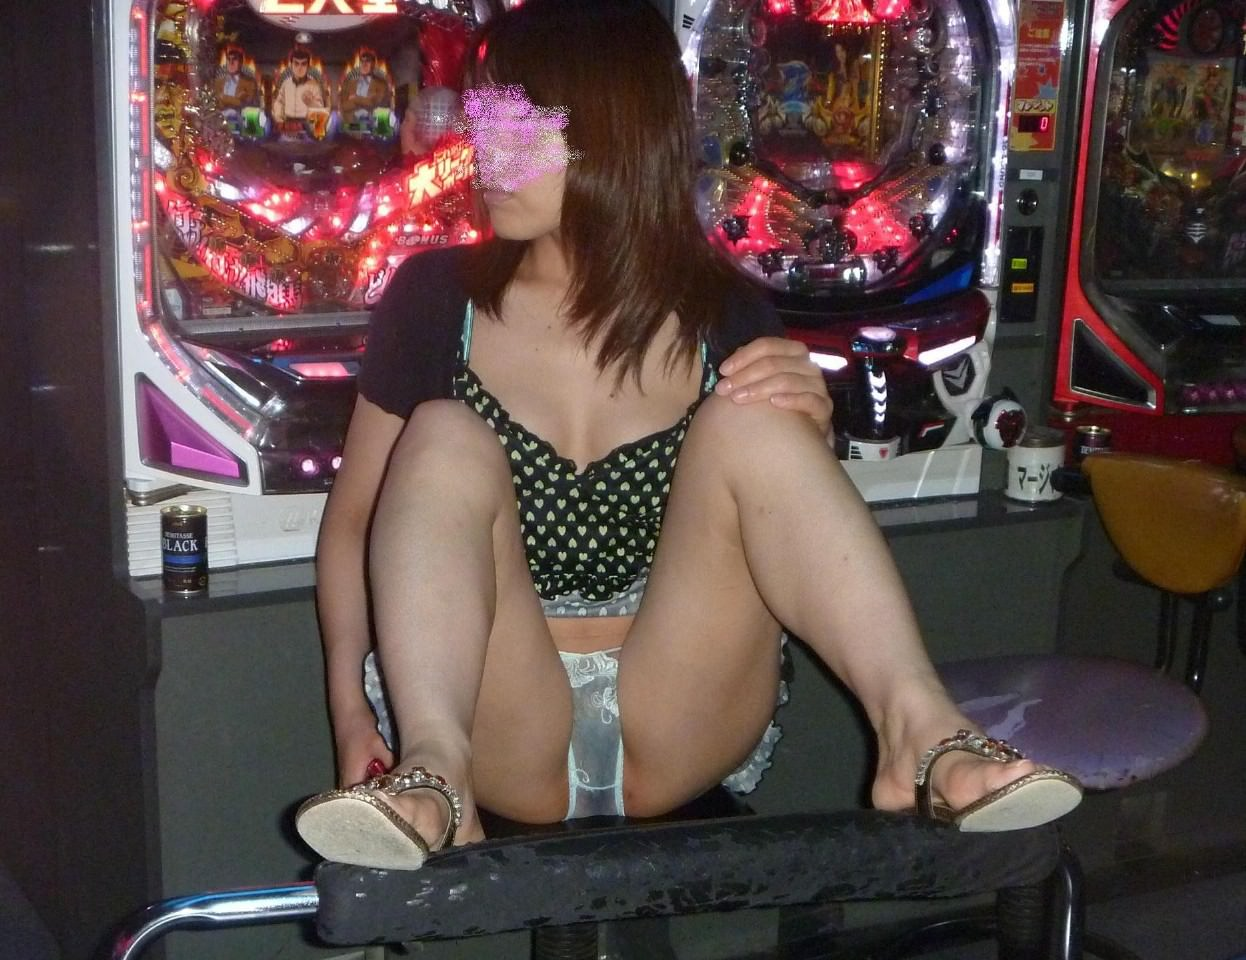 大胆に惜しげもなくM字開脚してるエロい素人女子の画像wwwwww 0638